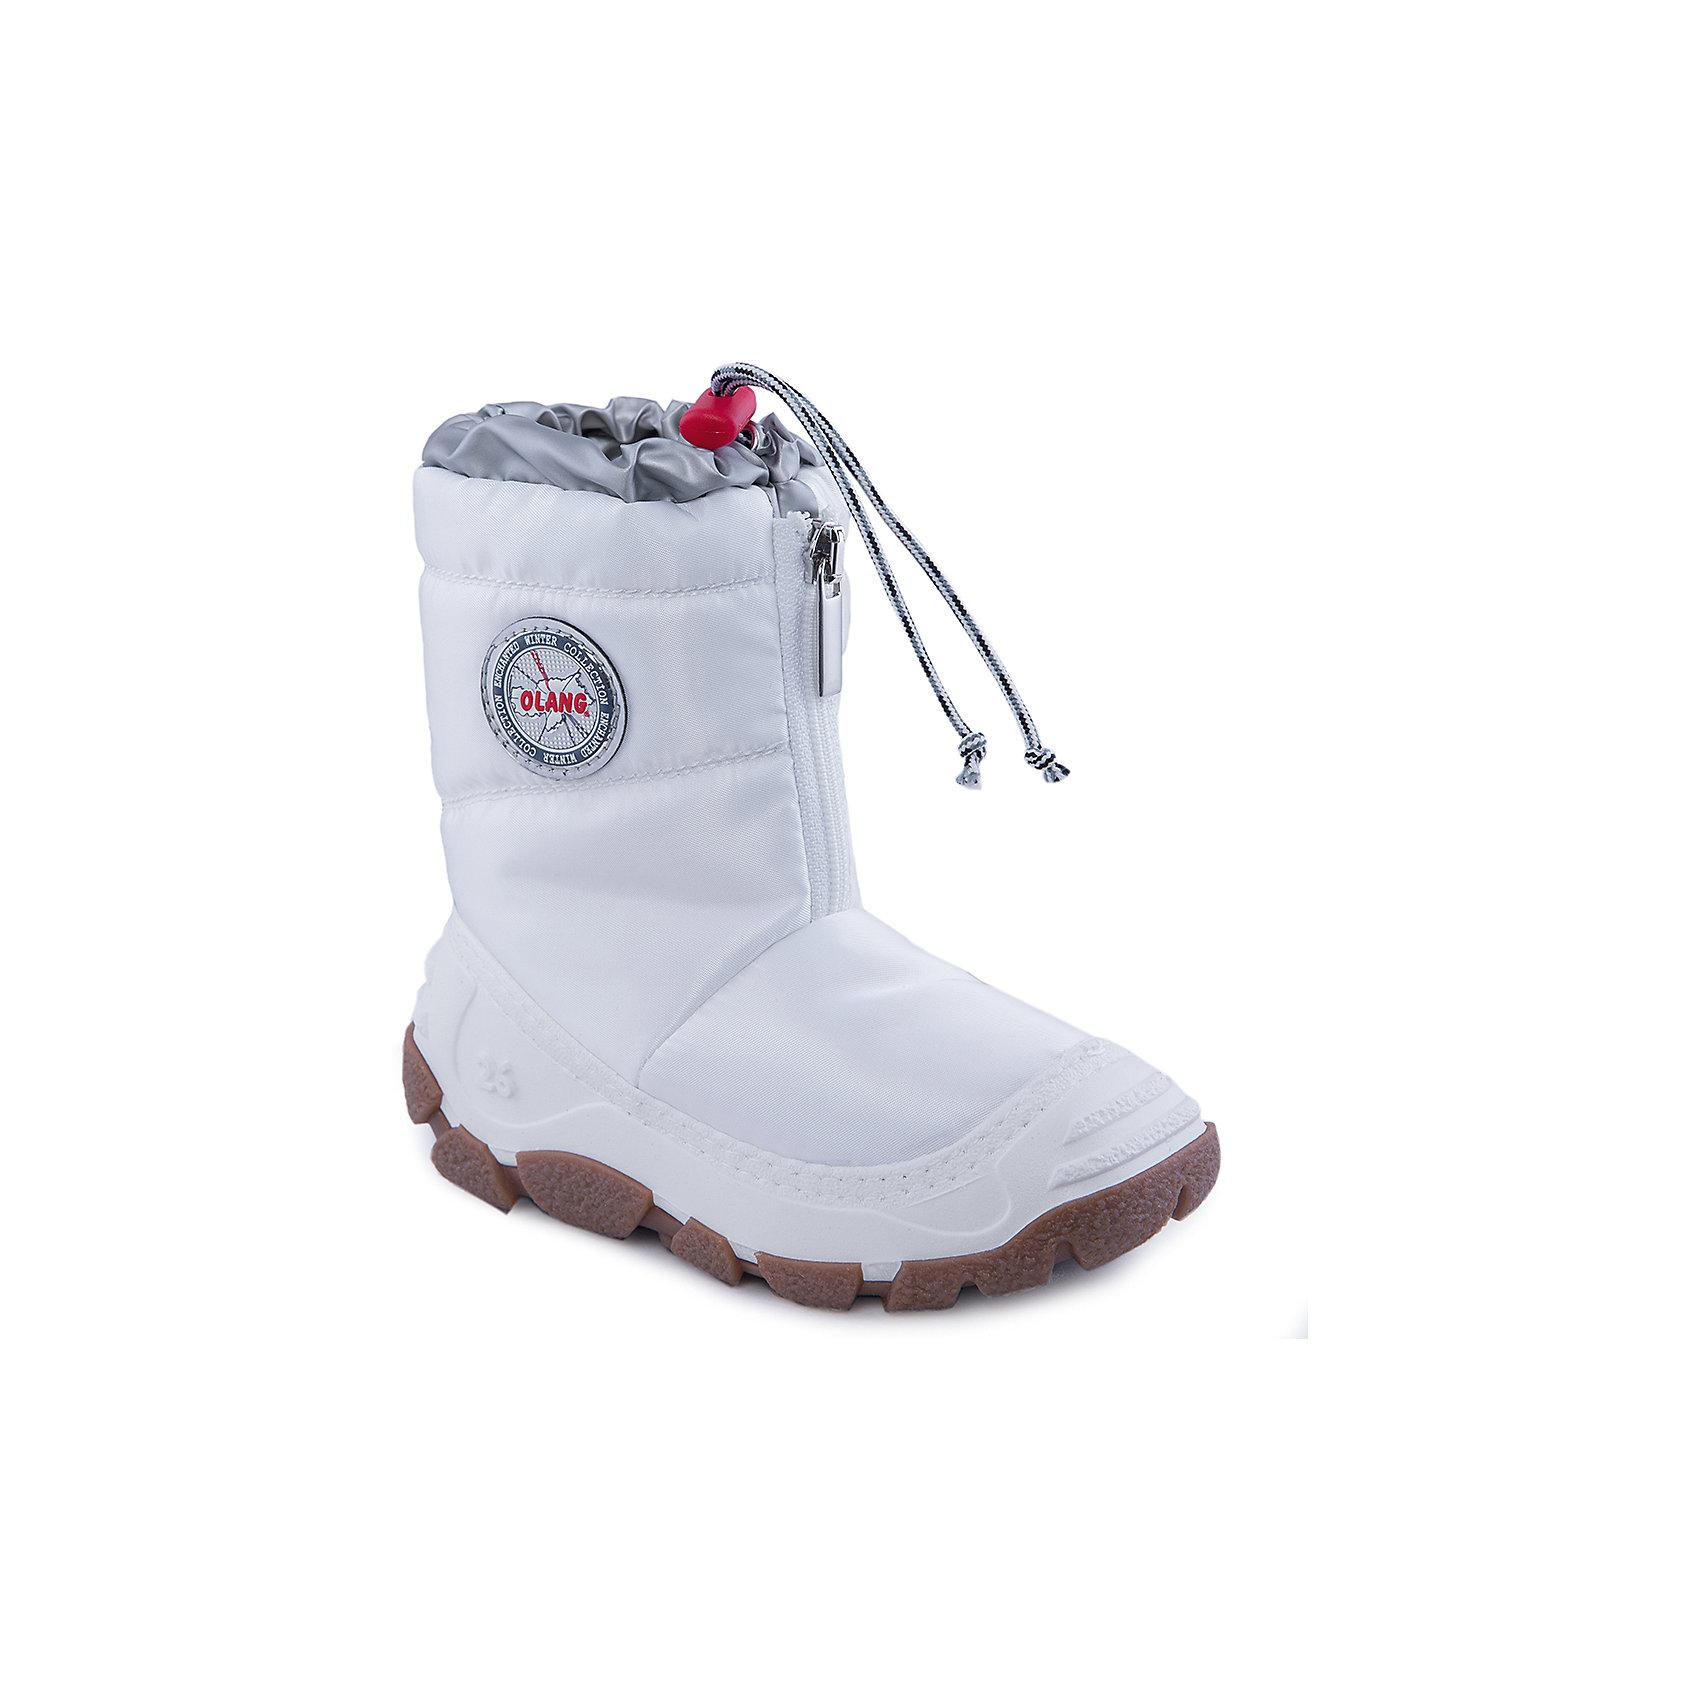 Сноубутсы для девочки OlangСноубутсы<br>Сноубутсы для девочки от известной марки Olang<br><br>Удобные зимние сапоги разработаны специально для детей. <br>В холода они обеспечат детским ножкам комфорт и тепло.<br><br>Отличительные особенности модели:<br><br>- цвет: белый;<br>- устойчивая рифленая подошва;<br>- теплая стелька;<br>- усиленный носок и задник;<br>- эргономичная форма;<br>- удобная колодка;<br>- меховая подкладка;<br>- качественные материалы;<br>- застежка-молния, утяжка со стоппером.<br><br>Дополнительная информация:<br><br>- Температурный режим: от - 20° С  до +5° С.<br><br>- Состав:<br><br>материал верха: текстиль<br>материал подкладки: искусственный мех<br>подошва: 70% ЭВА (этиленвинилацетат), 30% натуральная резина<br><br>Сапоги для девочки Olang (Оланг) можно купить в нашем магазине.<br><br>Ширина мм: 257<br>Глубина мм: 180<br>Высота мм: 130<br>Вес г: 420<br>Цвет: белый<br>Возраст от месяцев: 24<br>Возраст до месяцев: 24<br>Пол: Женский<br>Возраст: Детский<br>Размер: 25/26,27/28,29/30<br>SKU: 4279309